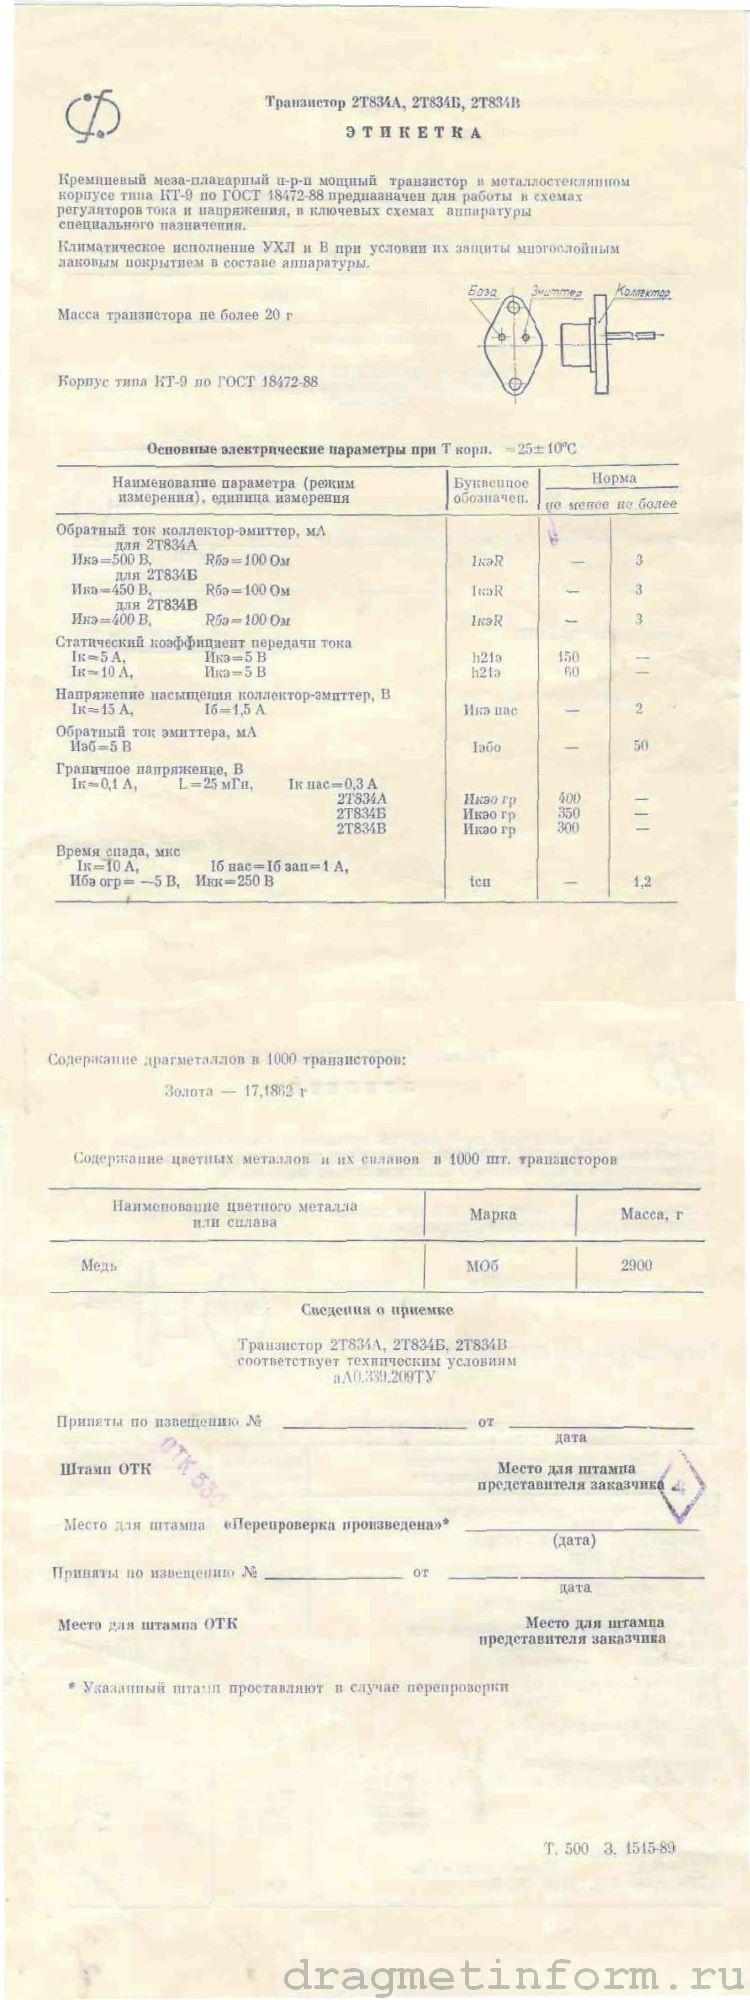 Формуляр 2Т834 (А, Б, В) УХЛ